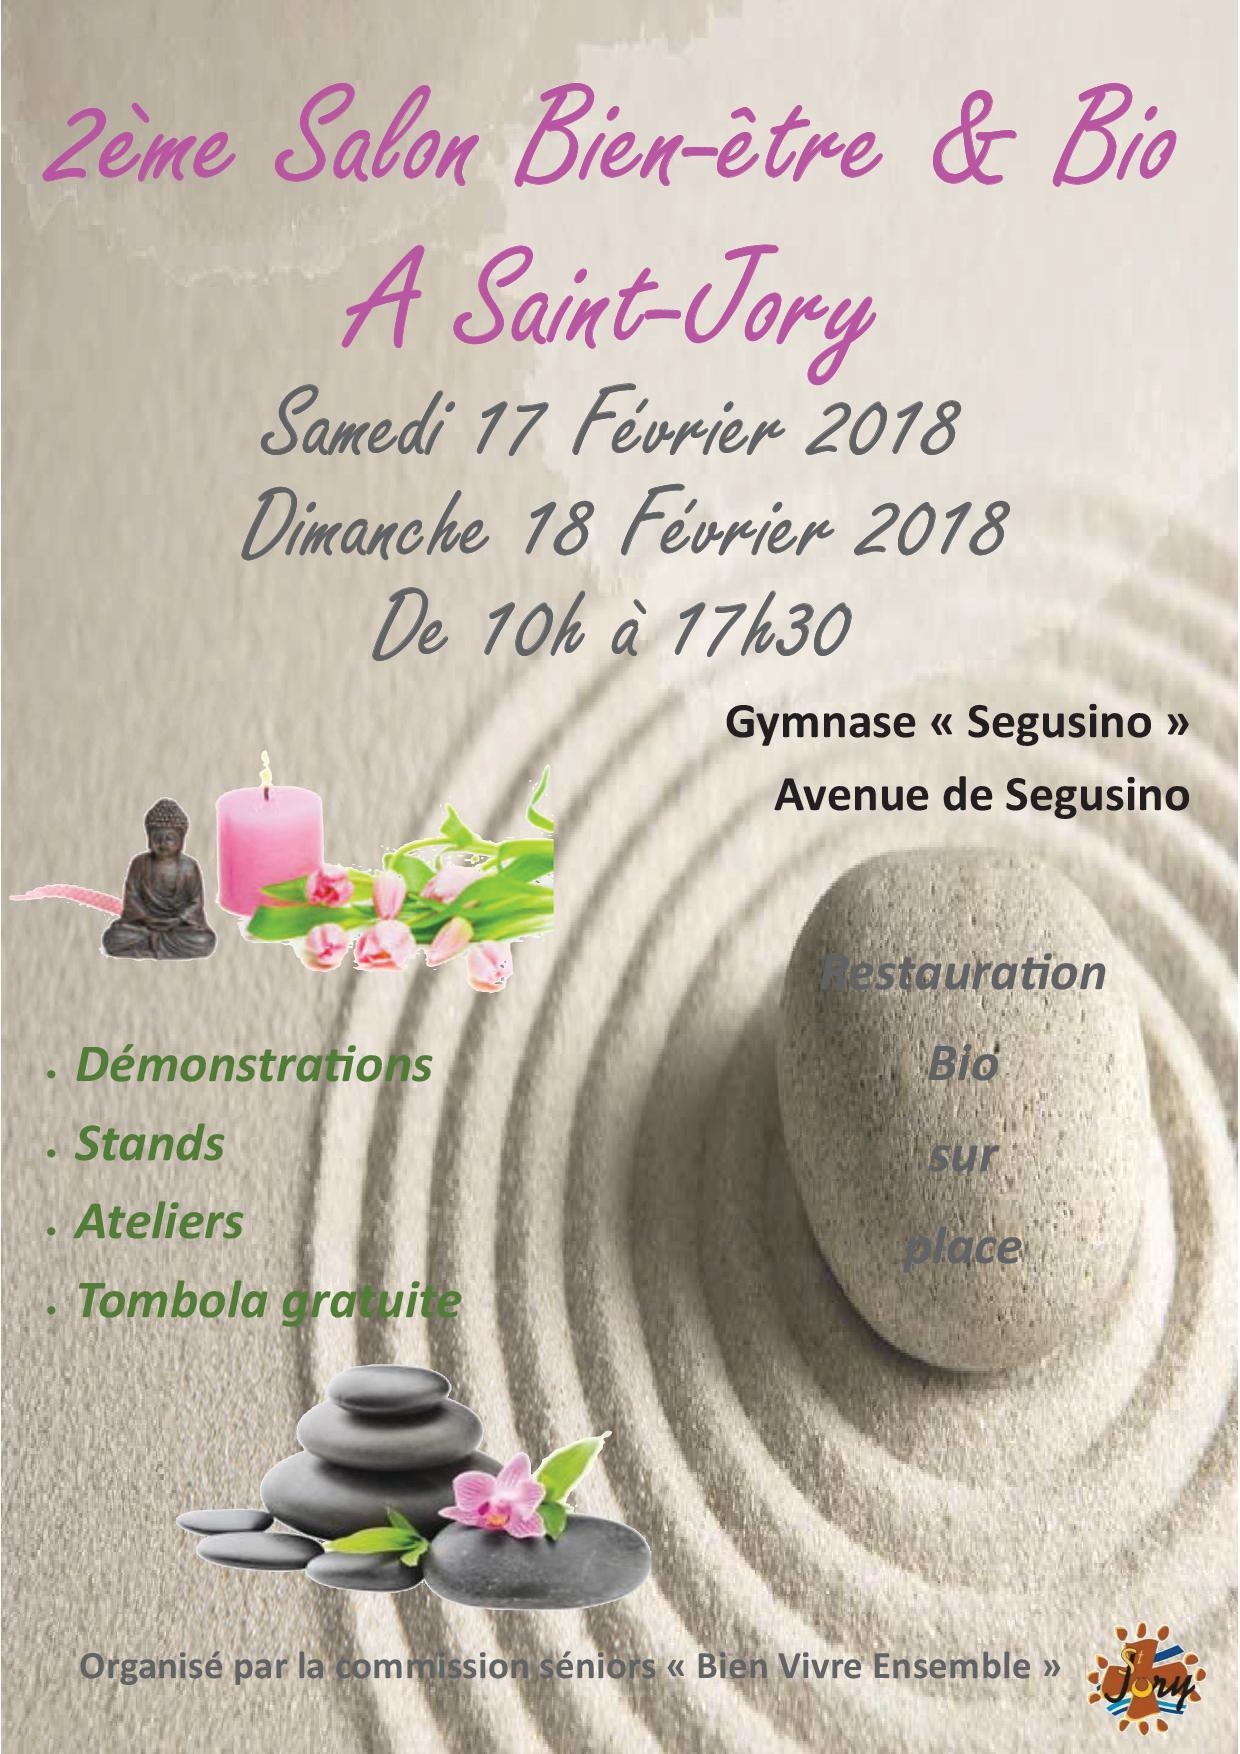 Salon Bien Etre St Jory 2018